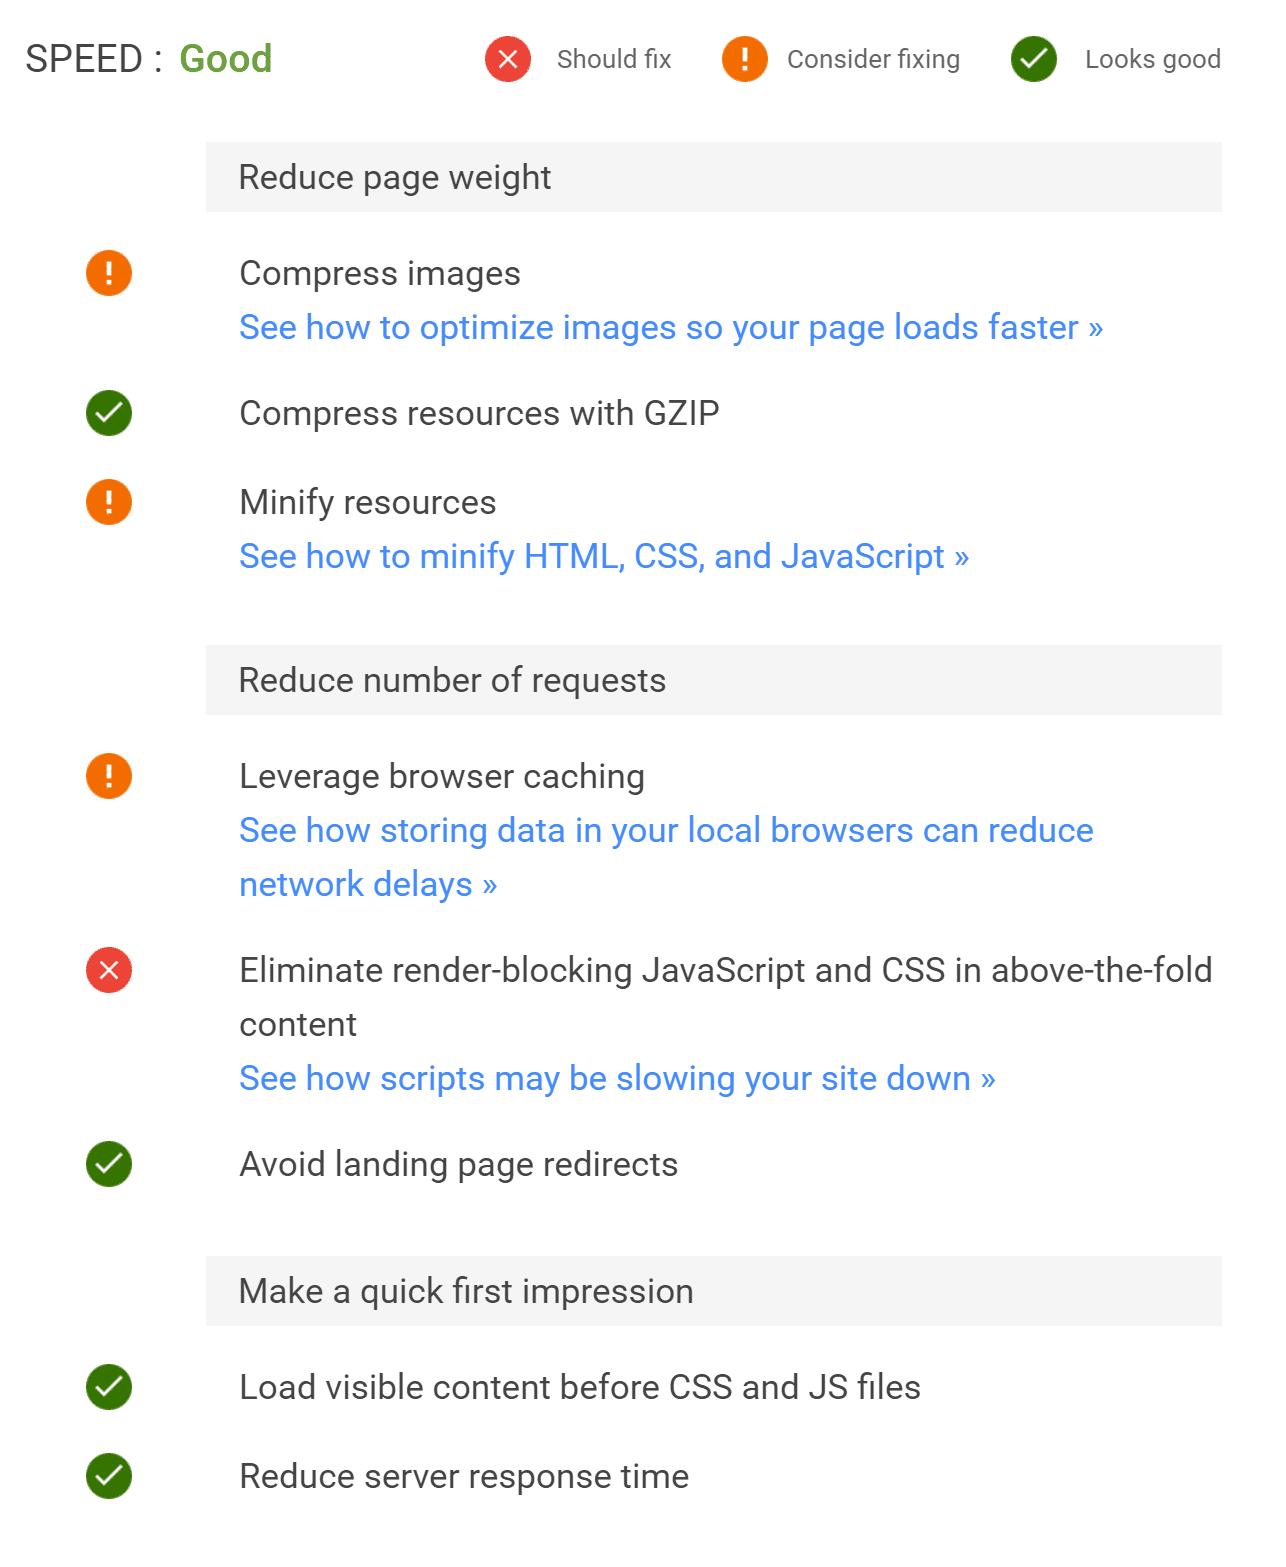 Recommandations pour rendre votre site plus rapide